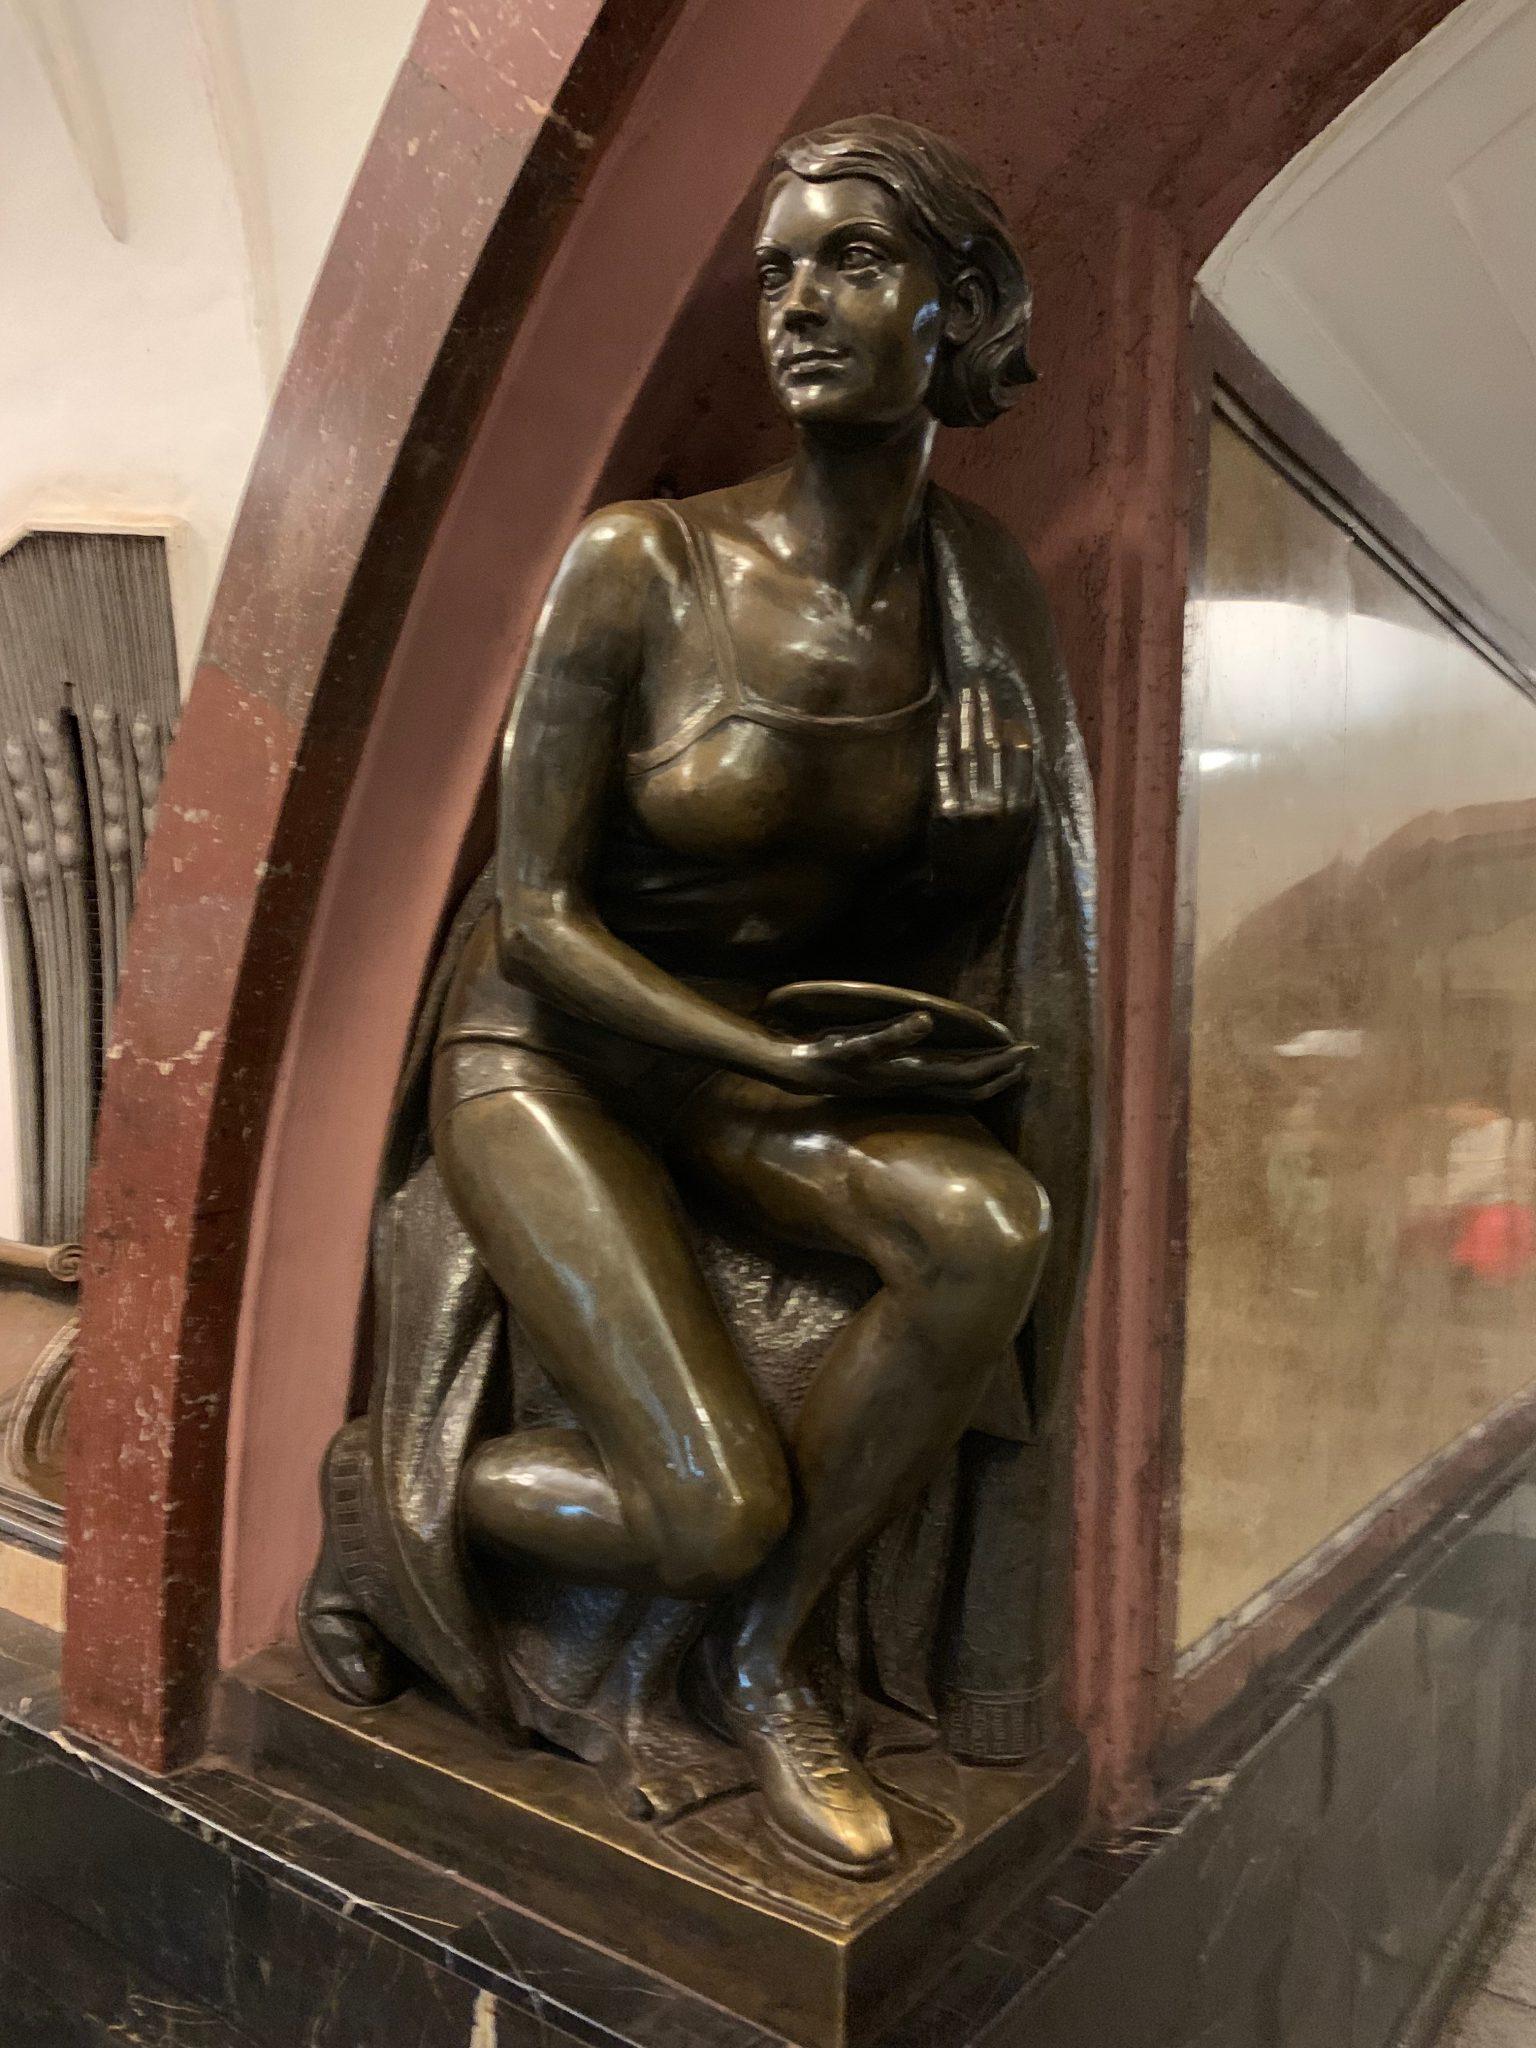 Moscow Metro Discus Sculpture